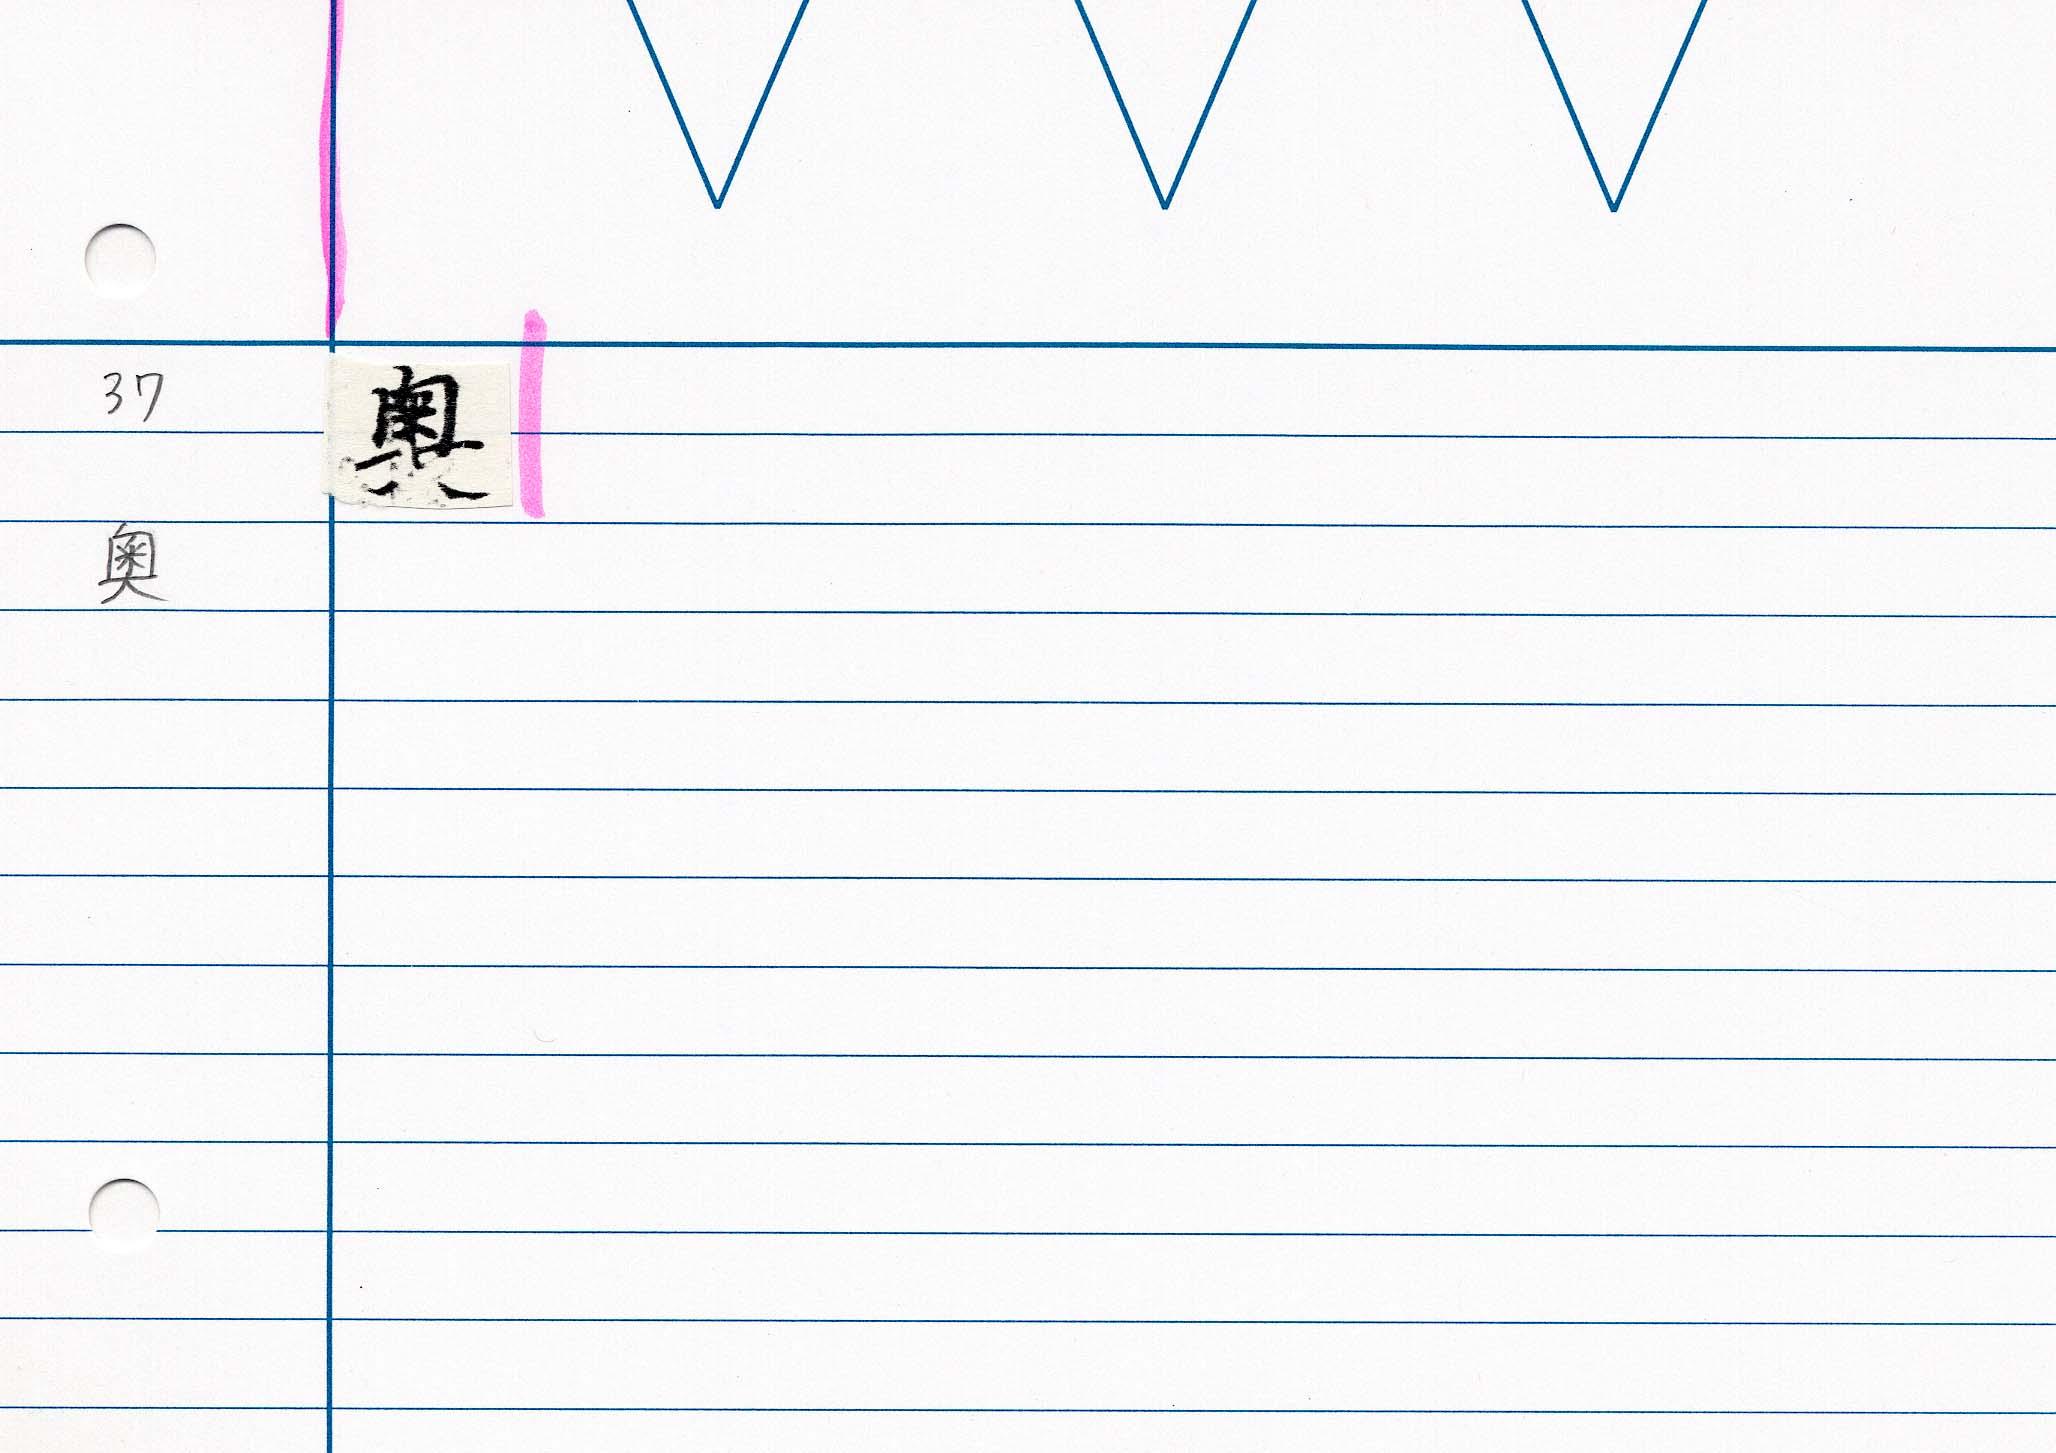 60_佛説大教王經卷一(東禪寺版日本寫本)/cards/0061.jpg